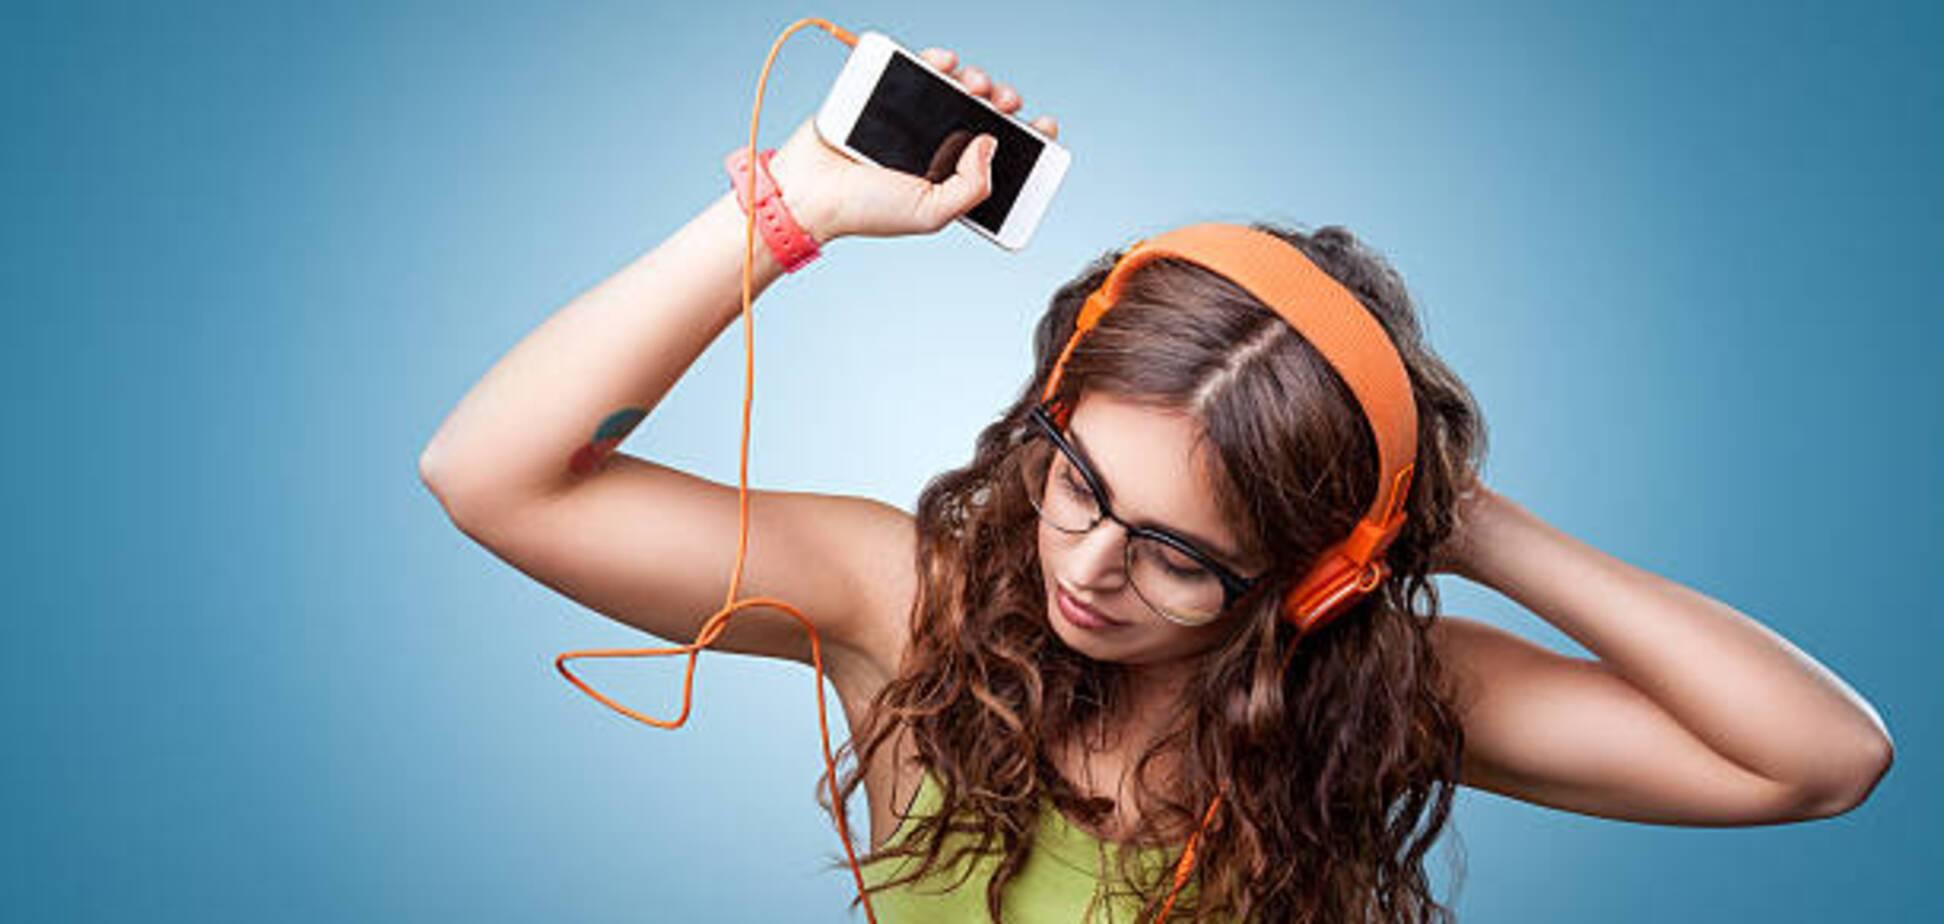 Песня украинской группы возглавила рейтинг популярного онлайн-сервиса музыки